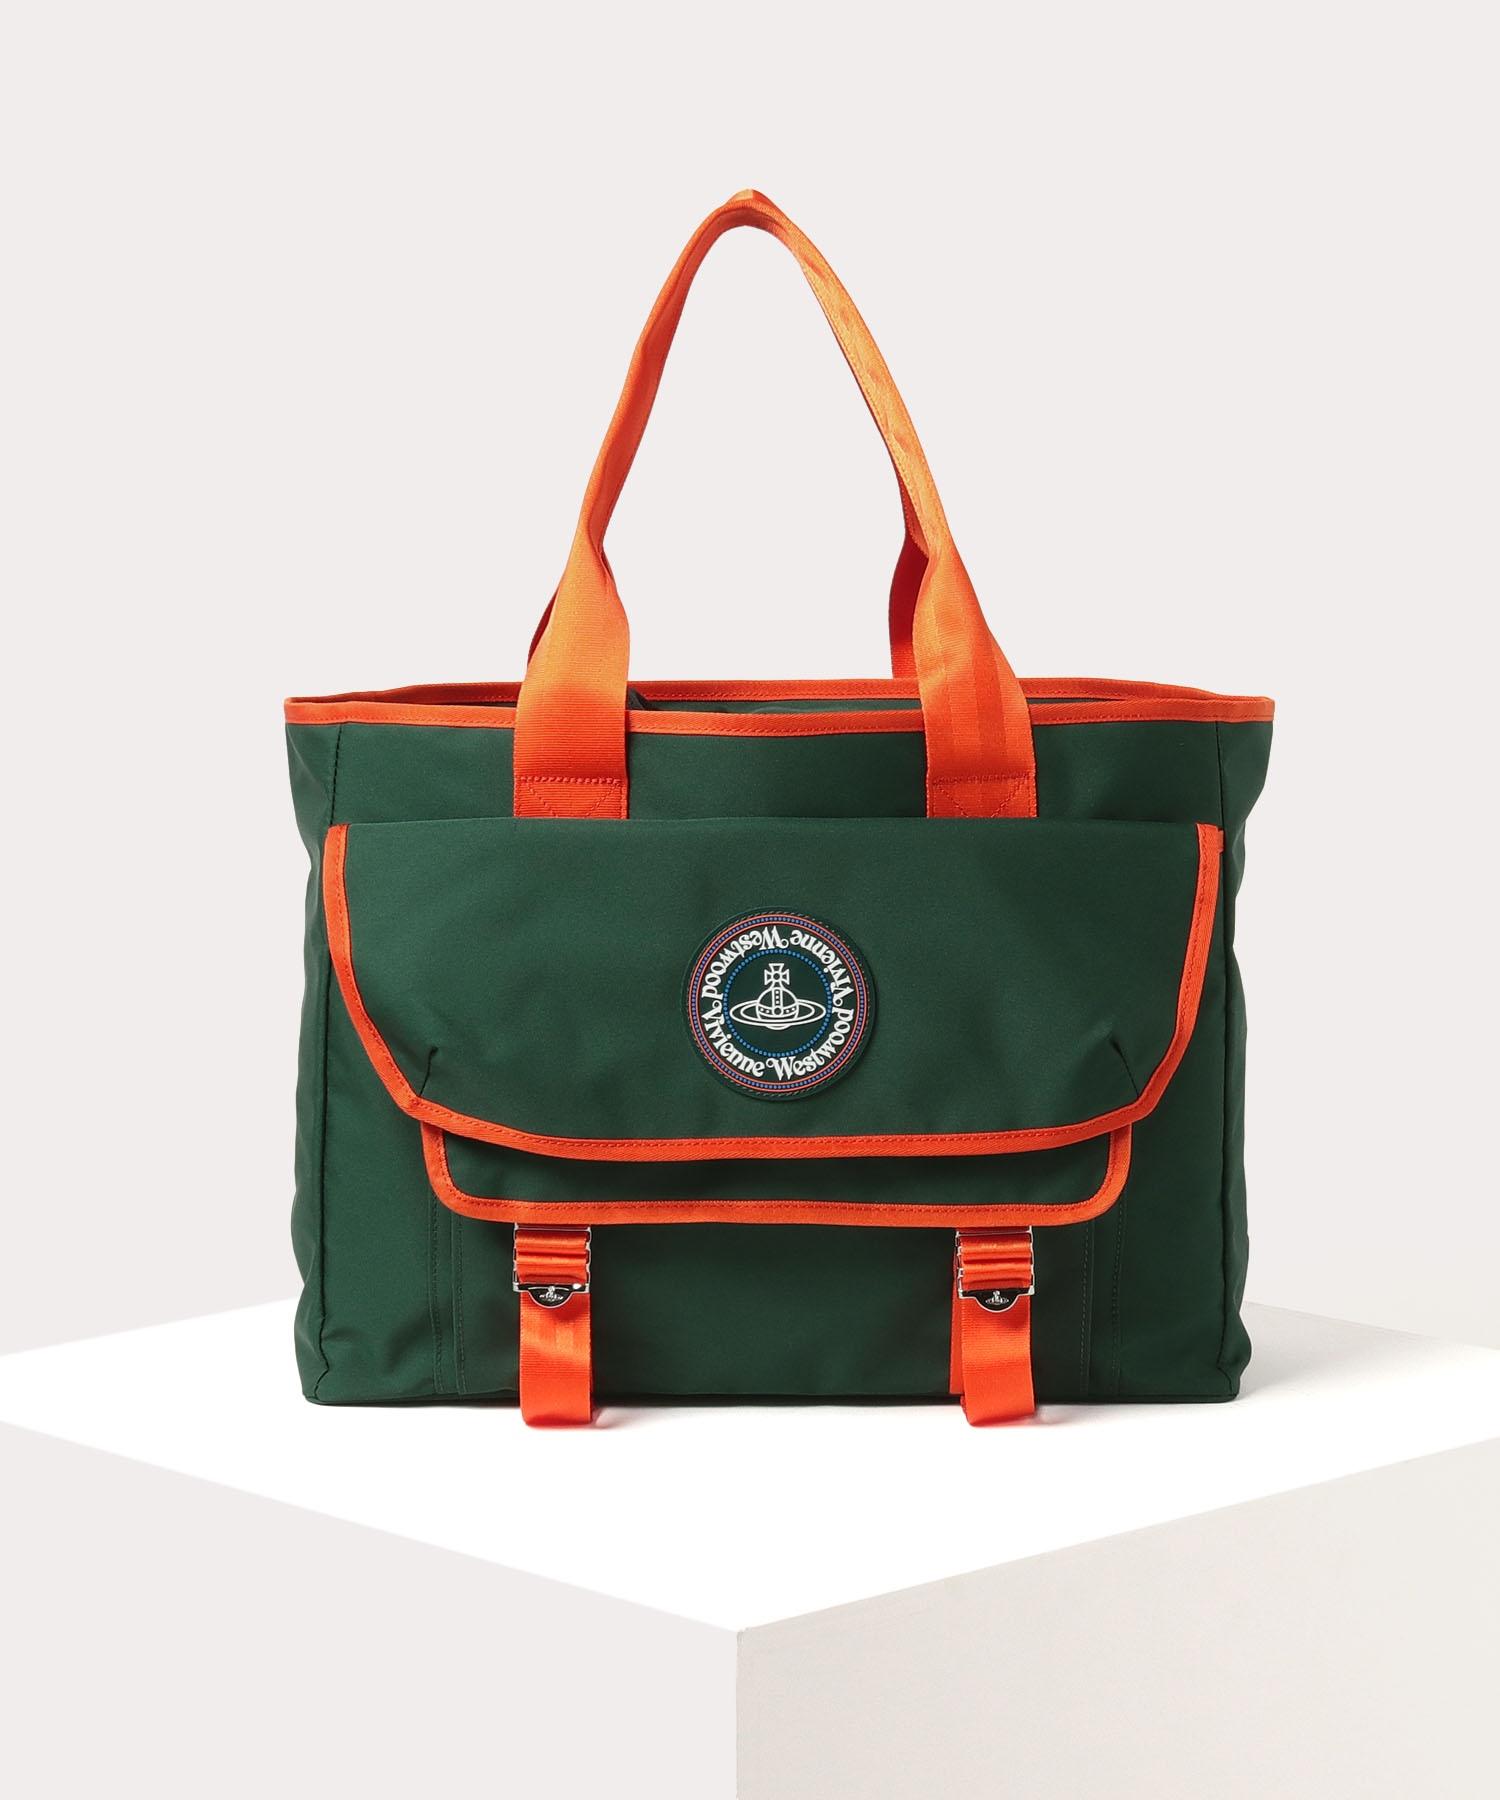 おしゃれな人気ブランドのメンズハミルトン メンズトートバッグ  Vivienne Westwood ハミルトン メンズトートバッグ